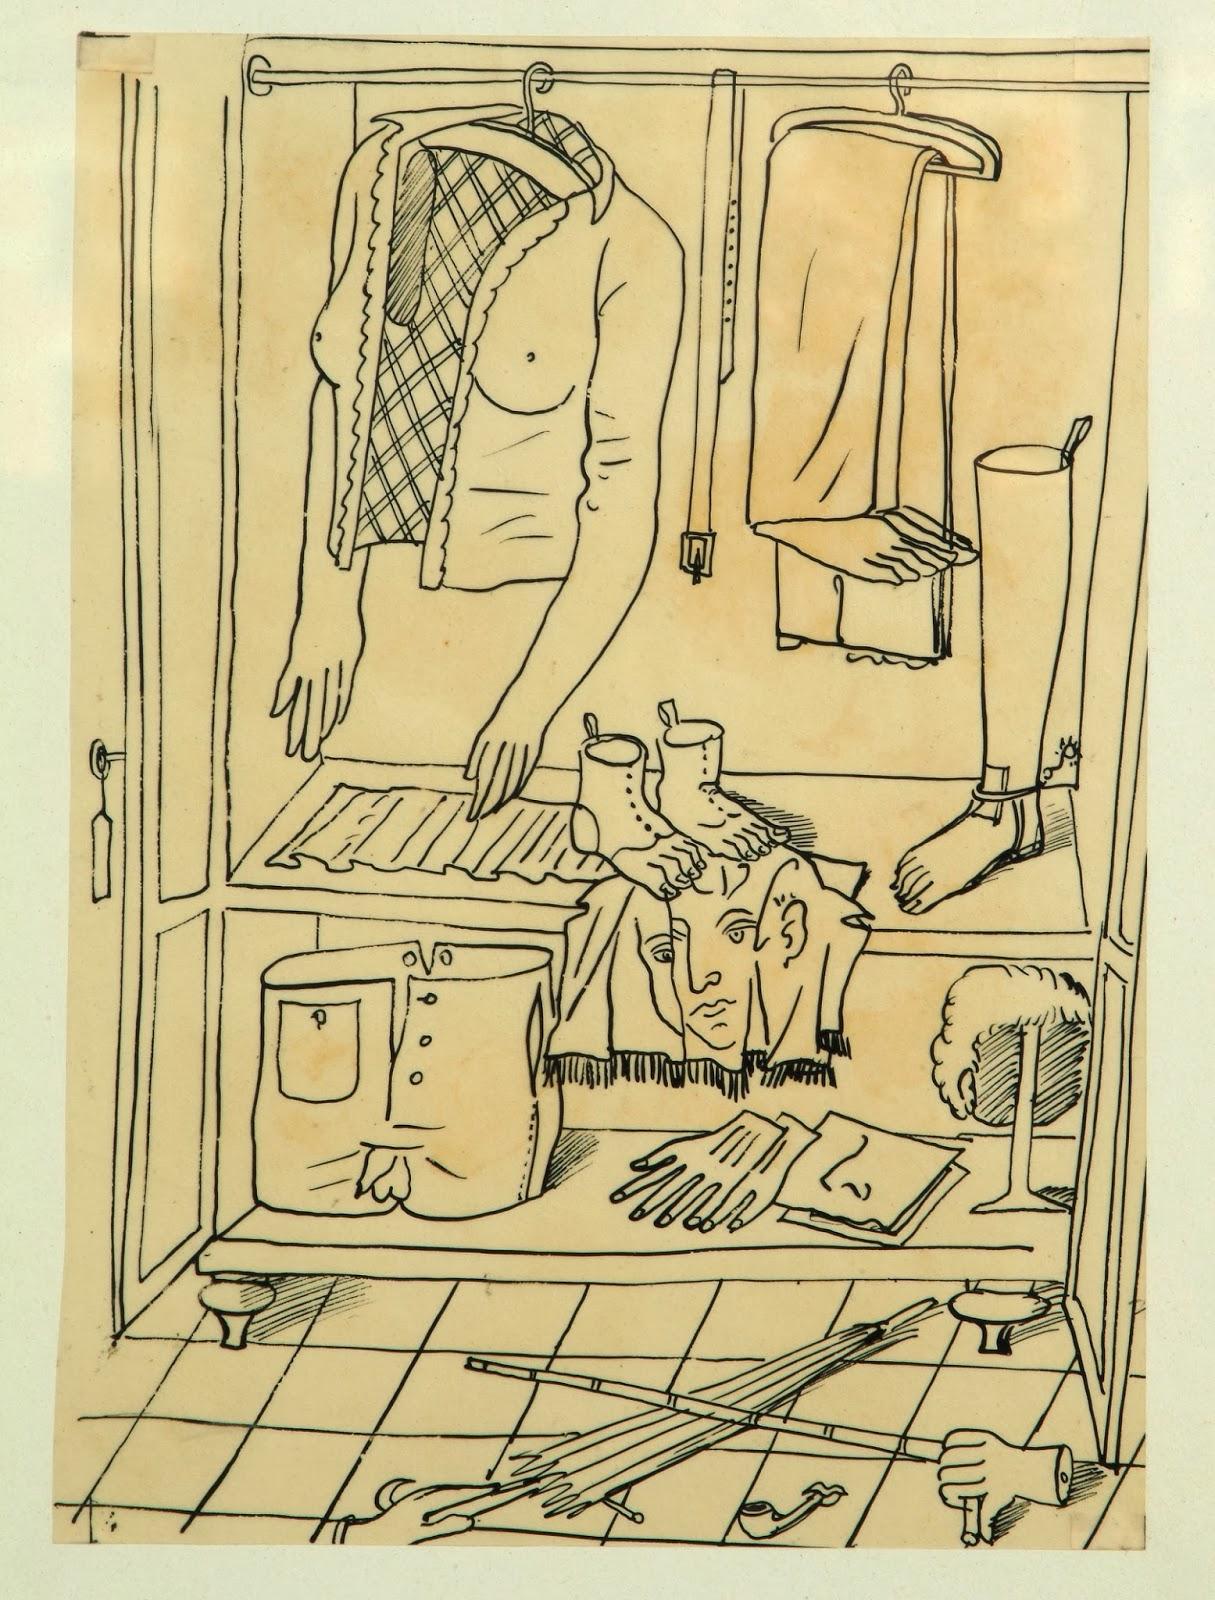 Topipittori saper disegnare come gli antichi - Fornasetti mobili ...